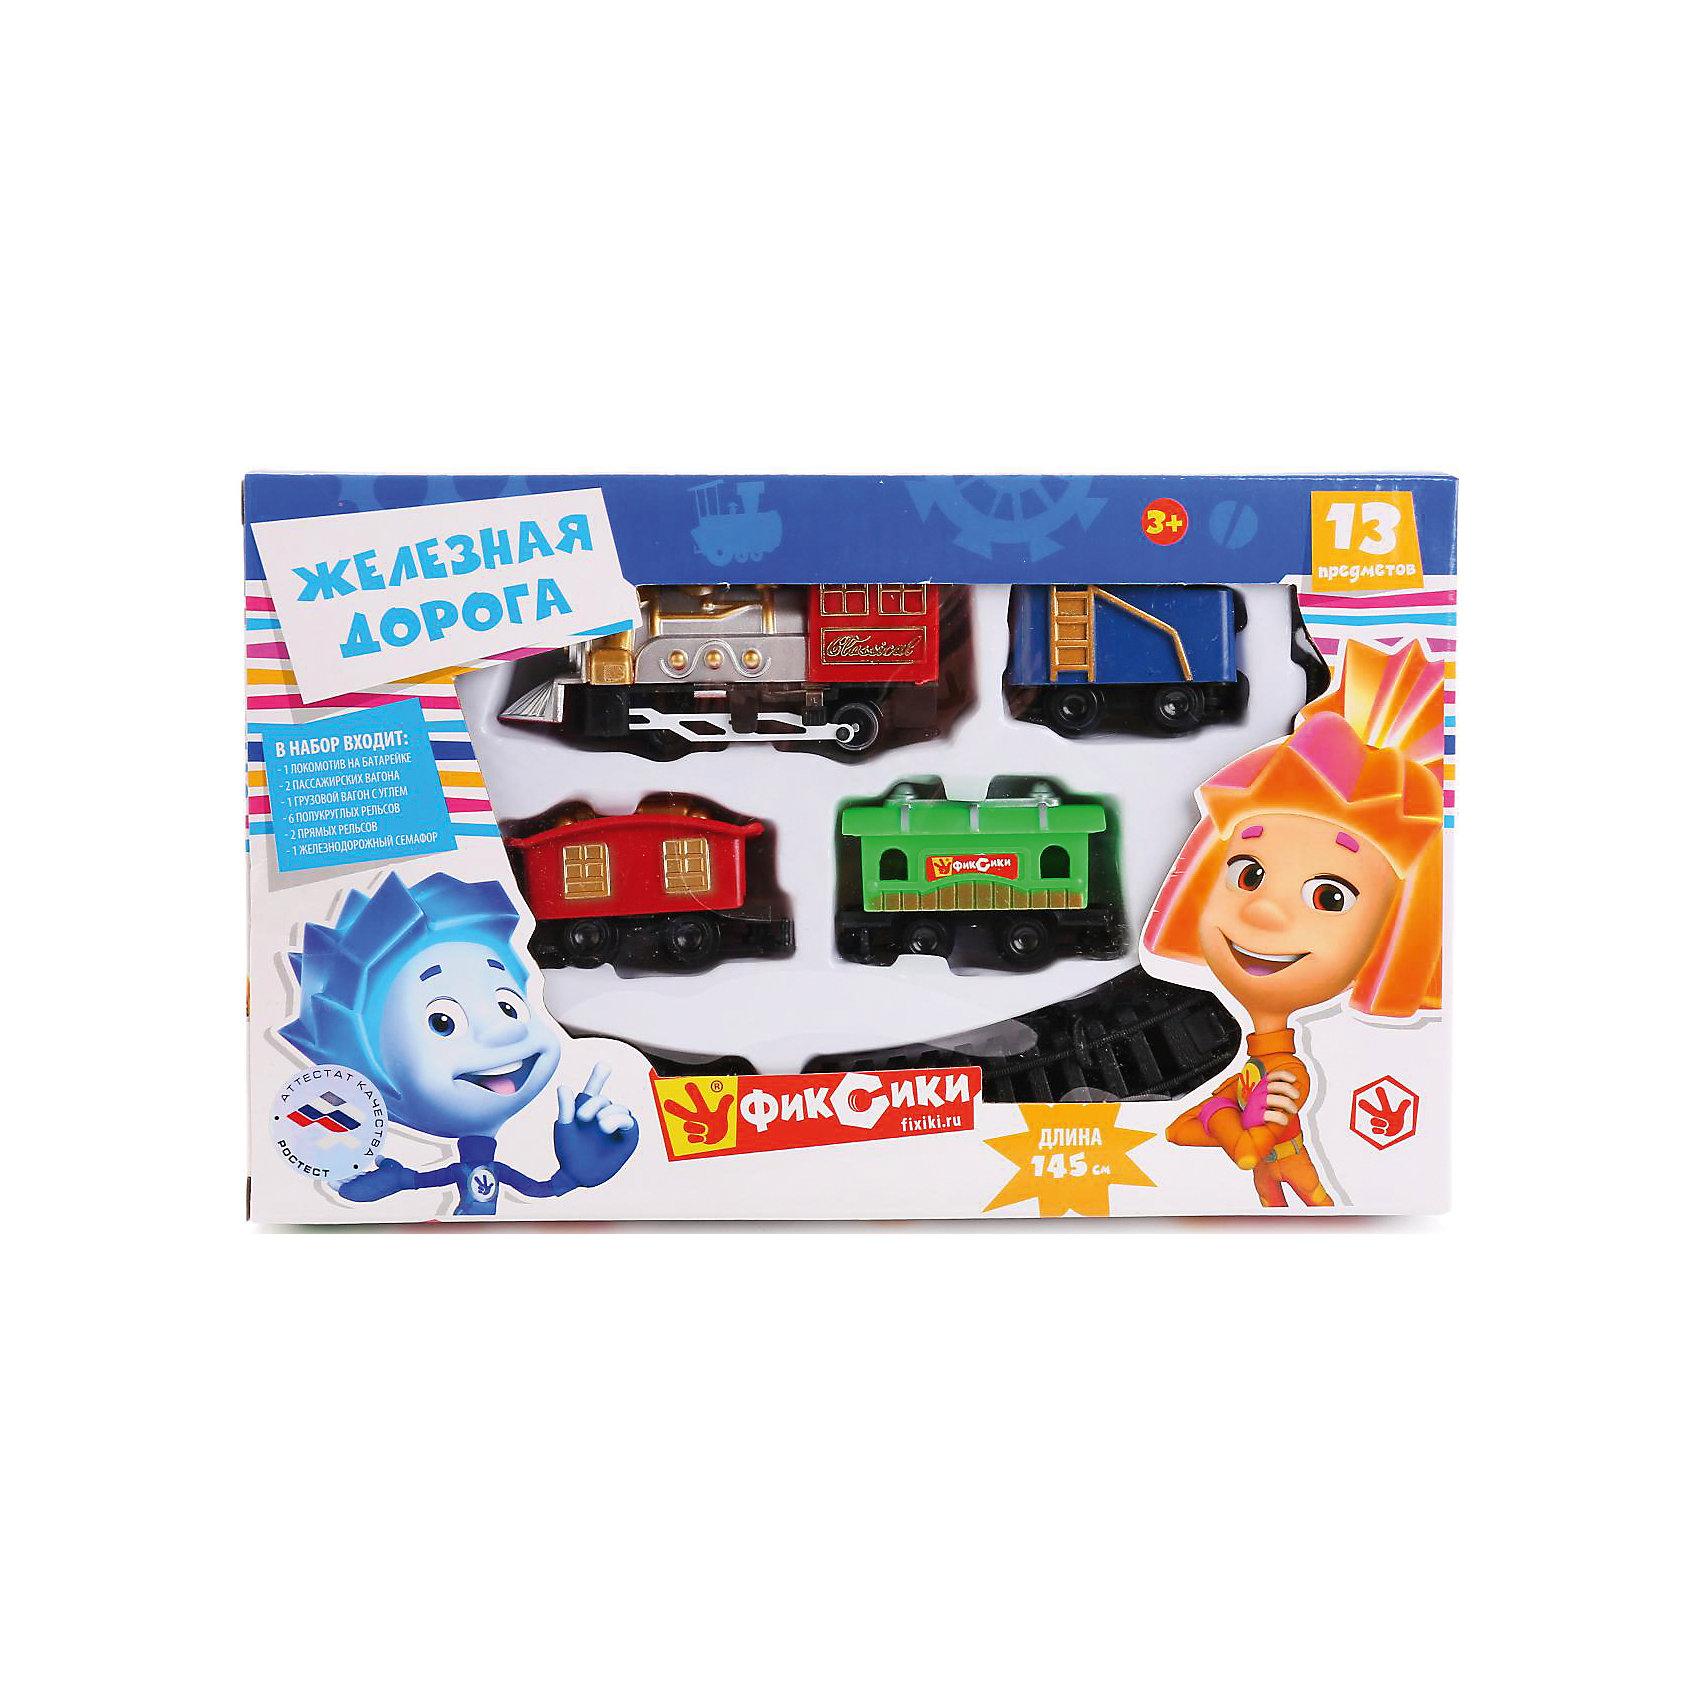 Железная дорога Фиксики, 145 см, Играем вместеПопулярные игрушки<br>Характеристики товара:<br><br>• в комплекте: детали для железной дороги, локомотив, 3 вагона, семафор;<br>• длина рельсов: 145 см;<br>• батарейки: не входят в комплект;<br>• материал: пластик, металл;<br>• размер упаковки: 26х4х16 см;<br>• вес: 230 грамм;<br>• возраст: от 3 лет.<br><br>В набор от компании «Играем вместе» входят детали ля постройки железной дороги в форме круга, локомотив, 3 вагона и семафор. Вагоны выполнены в разных цветах в стиле известных Фиксиков. Длина рельсового полотна составляет 145 сантиметров. <br><br>Железная дорога работает от батареек. Пока поезд будет двигаться по кругу, юный железнодорожник сможет имитировать регулировку движения с помощью семафора.<br><br>Железную дорогу Фиксики, 145 см, Играем вместе можно купить в нашем интернет-магазине.<br><br>Ширина мм: 26<br>Глубина мм: 4<br>Высота мм: 16<br>Вес г: 230<br>Возраст от месяцев: 36<br>Возраст до месяцев: 60<br>Пол: Унисекс<br>Возраст: Детский<br>SKU: 6970768